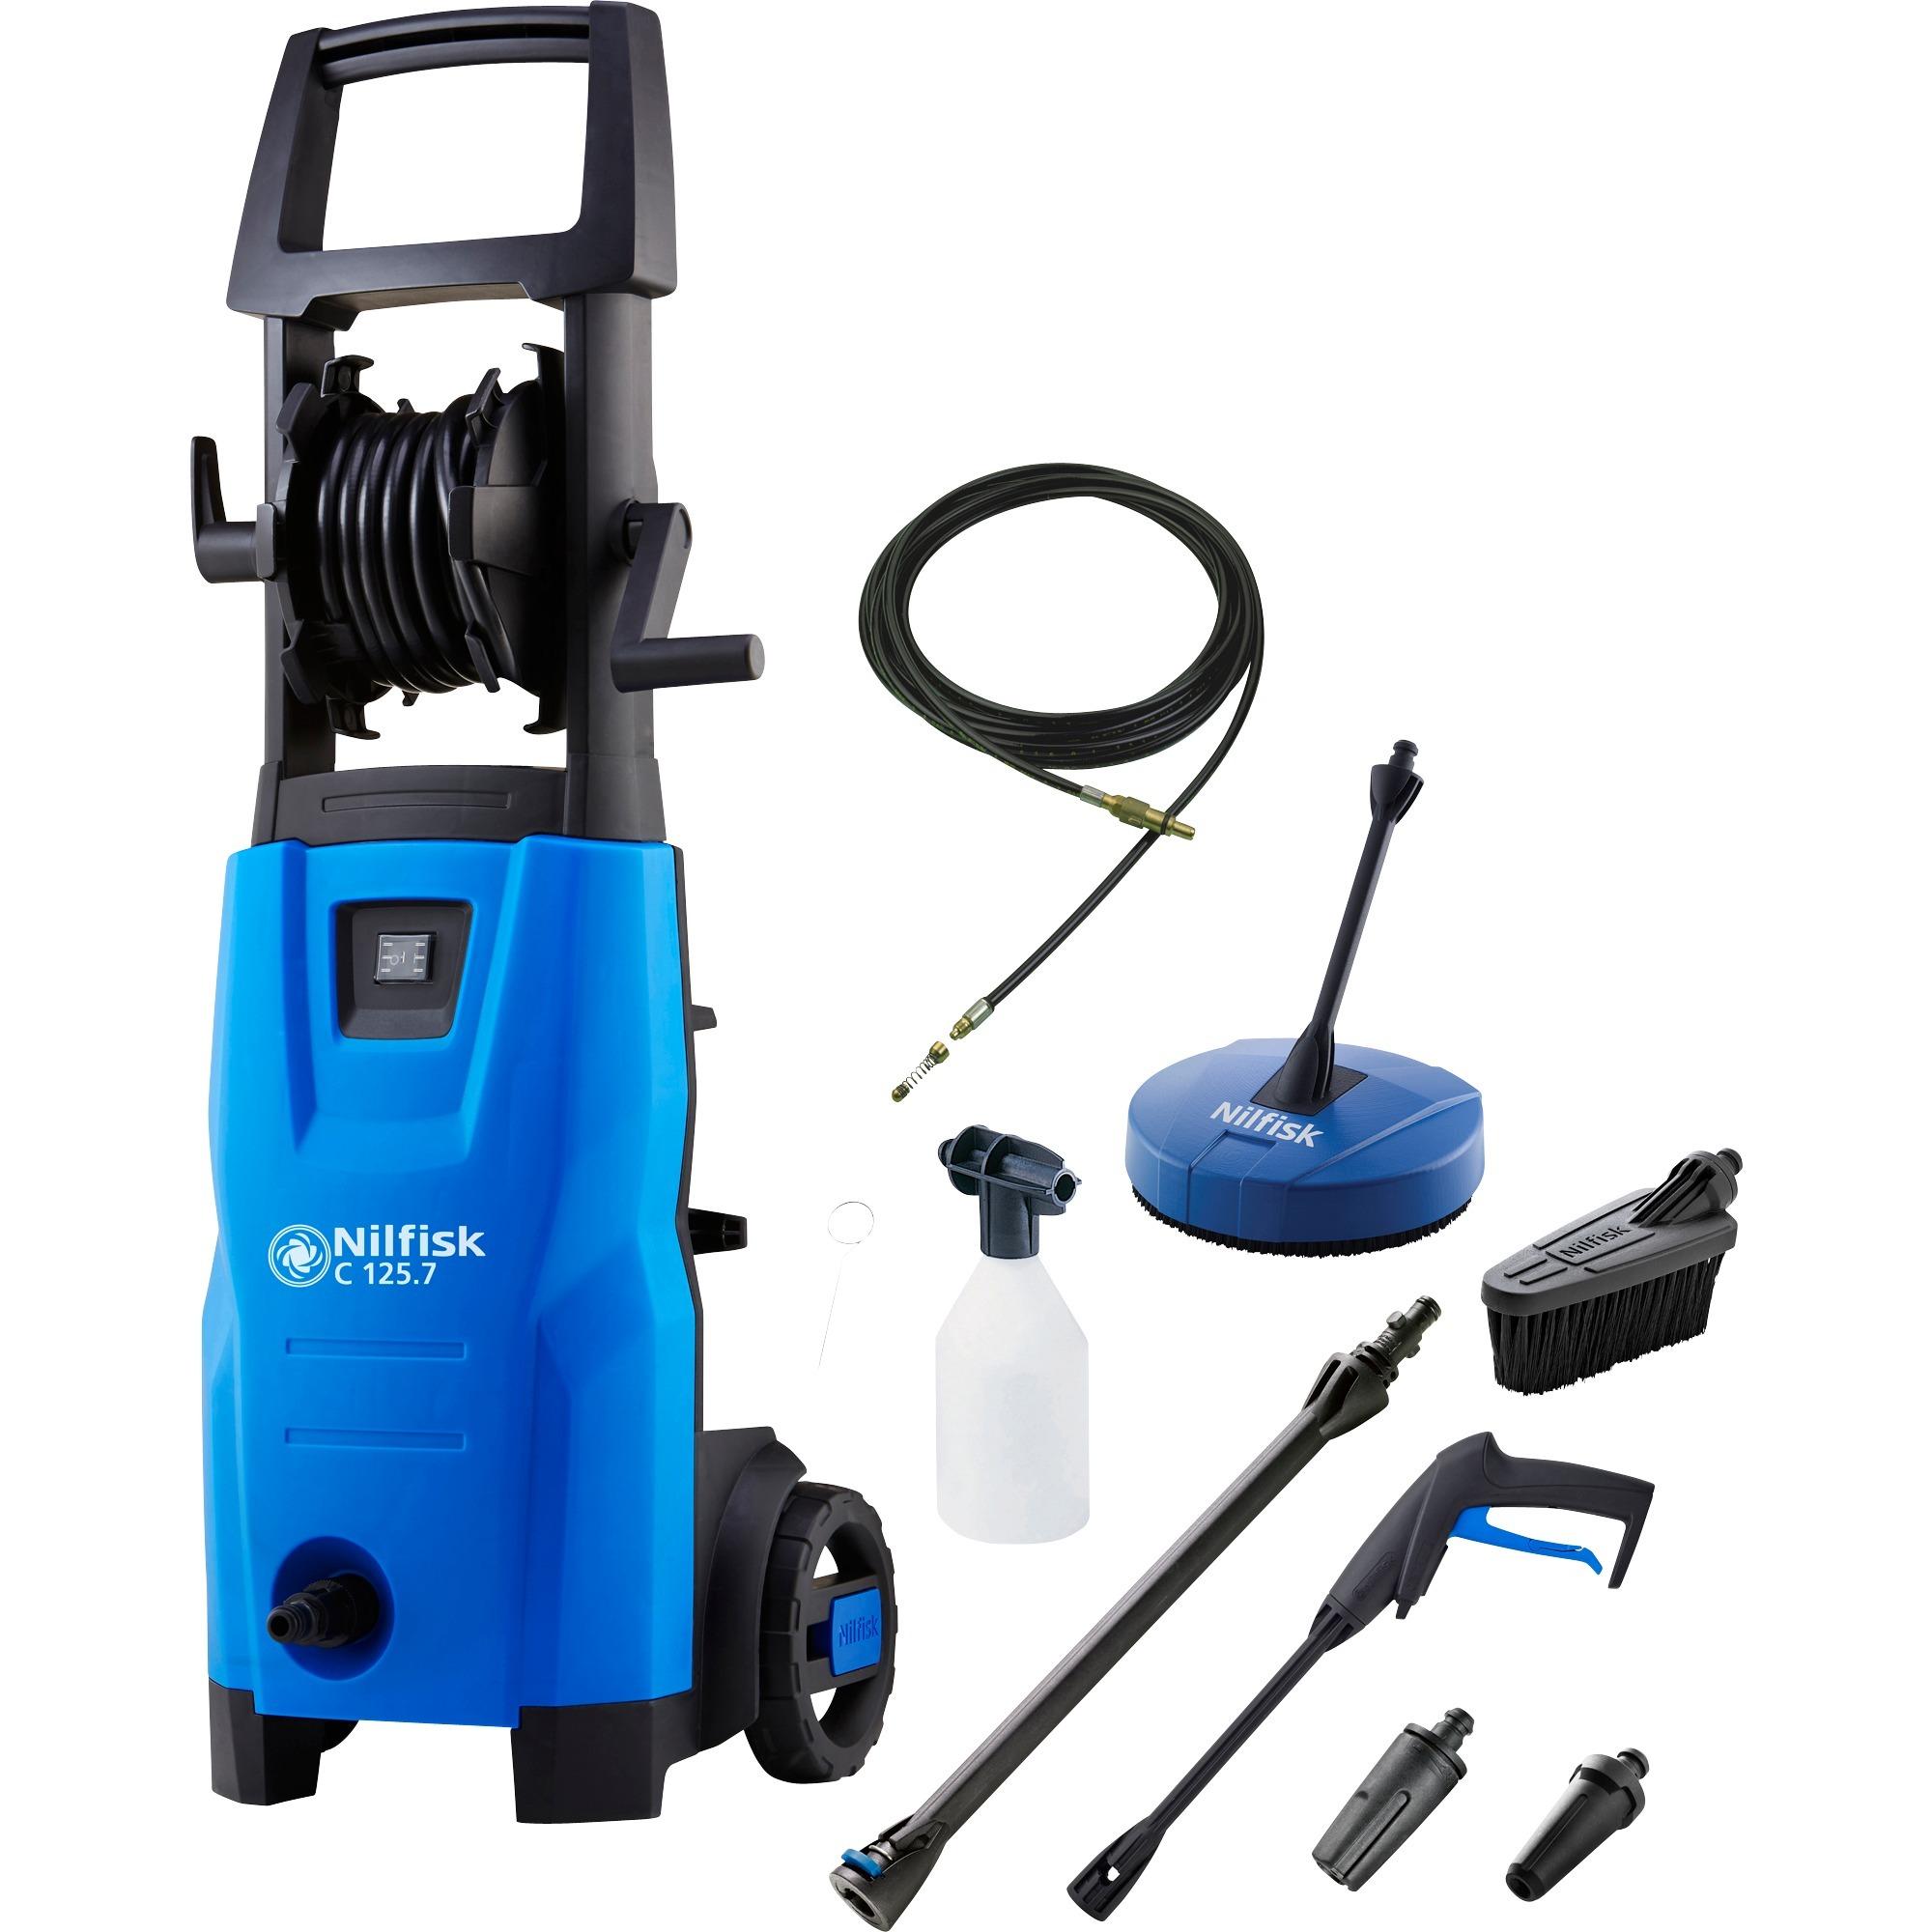 C 125.7-6 PCAD X-TRA Limpiadora de alta presión o Hidrolimpiadora Vertical Eléctrico Negro, Azul 460 l/h 1500 W, Hidrolimpiadora de alta presión